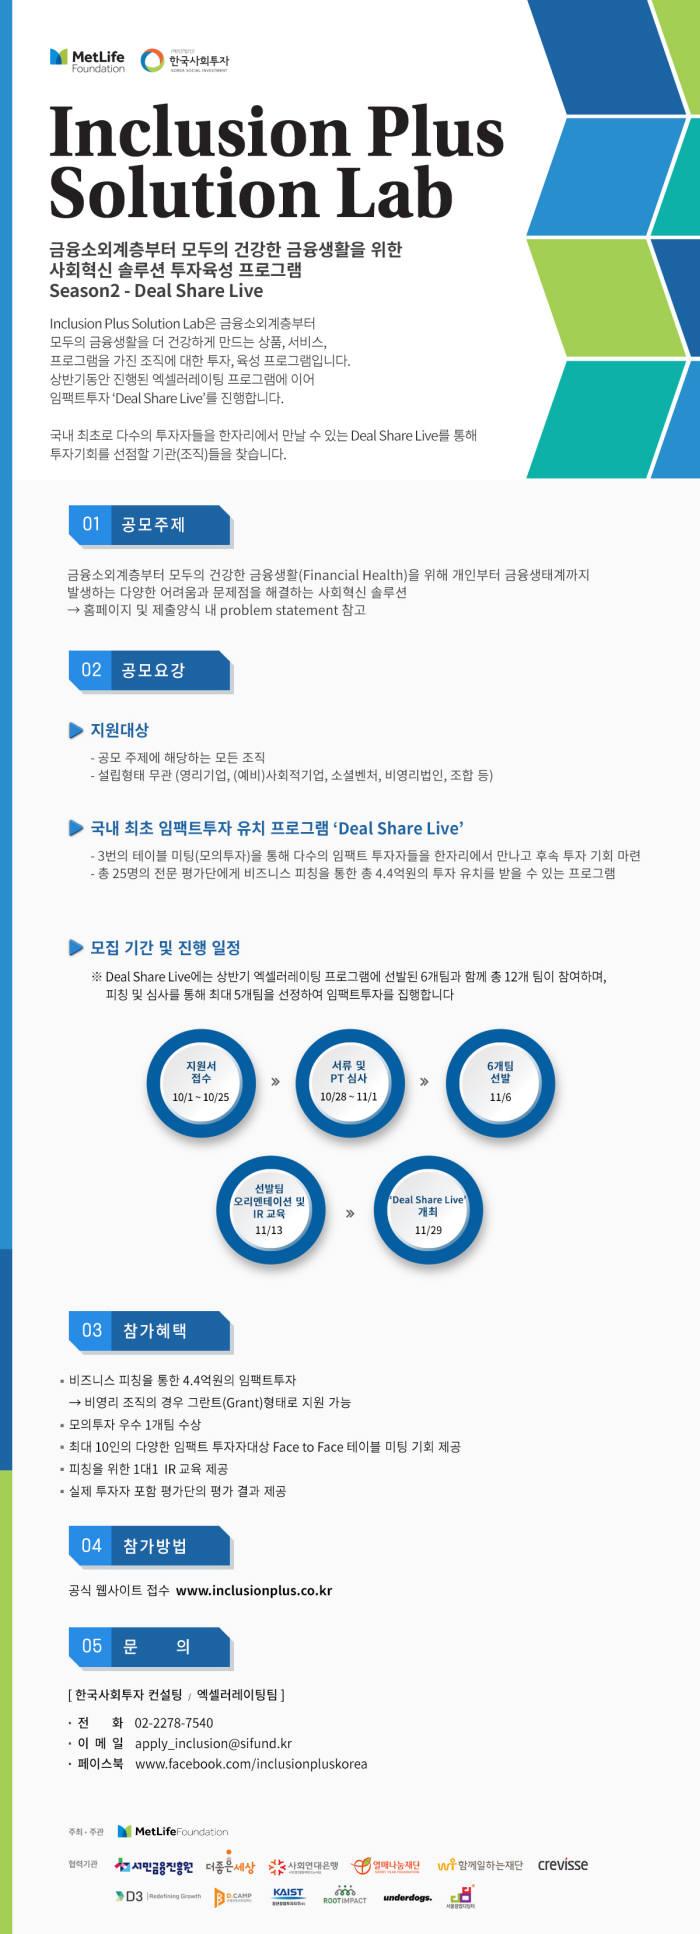 한국사회투자, 사회혁신 '등불'기업에 불 지핀다